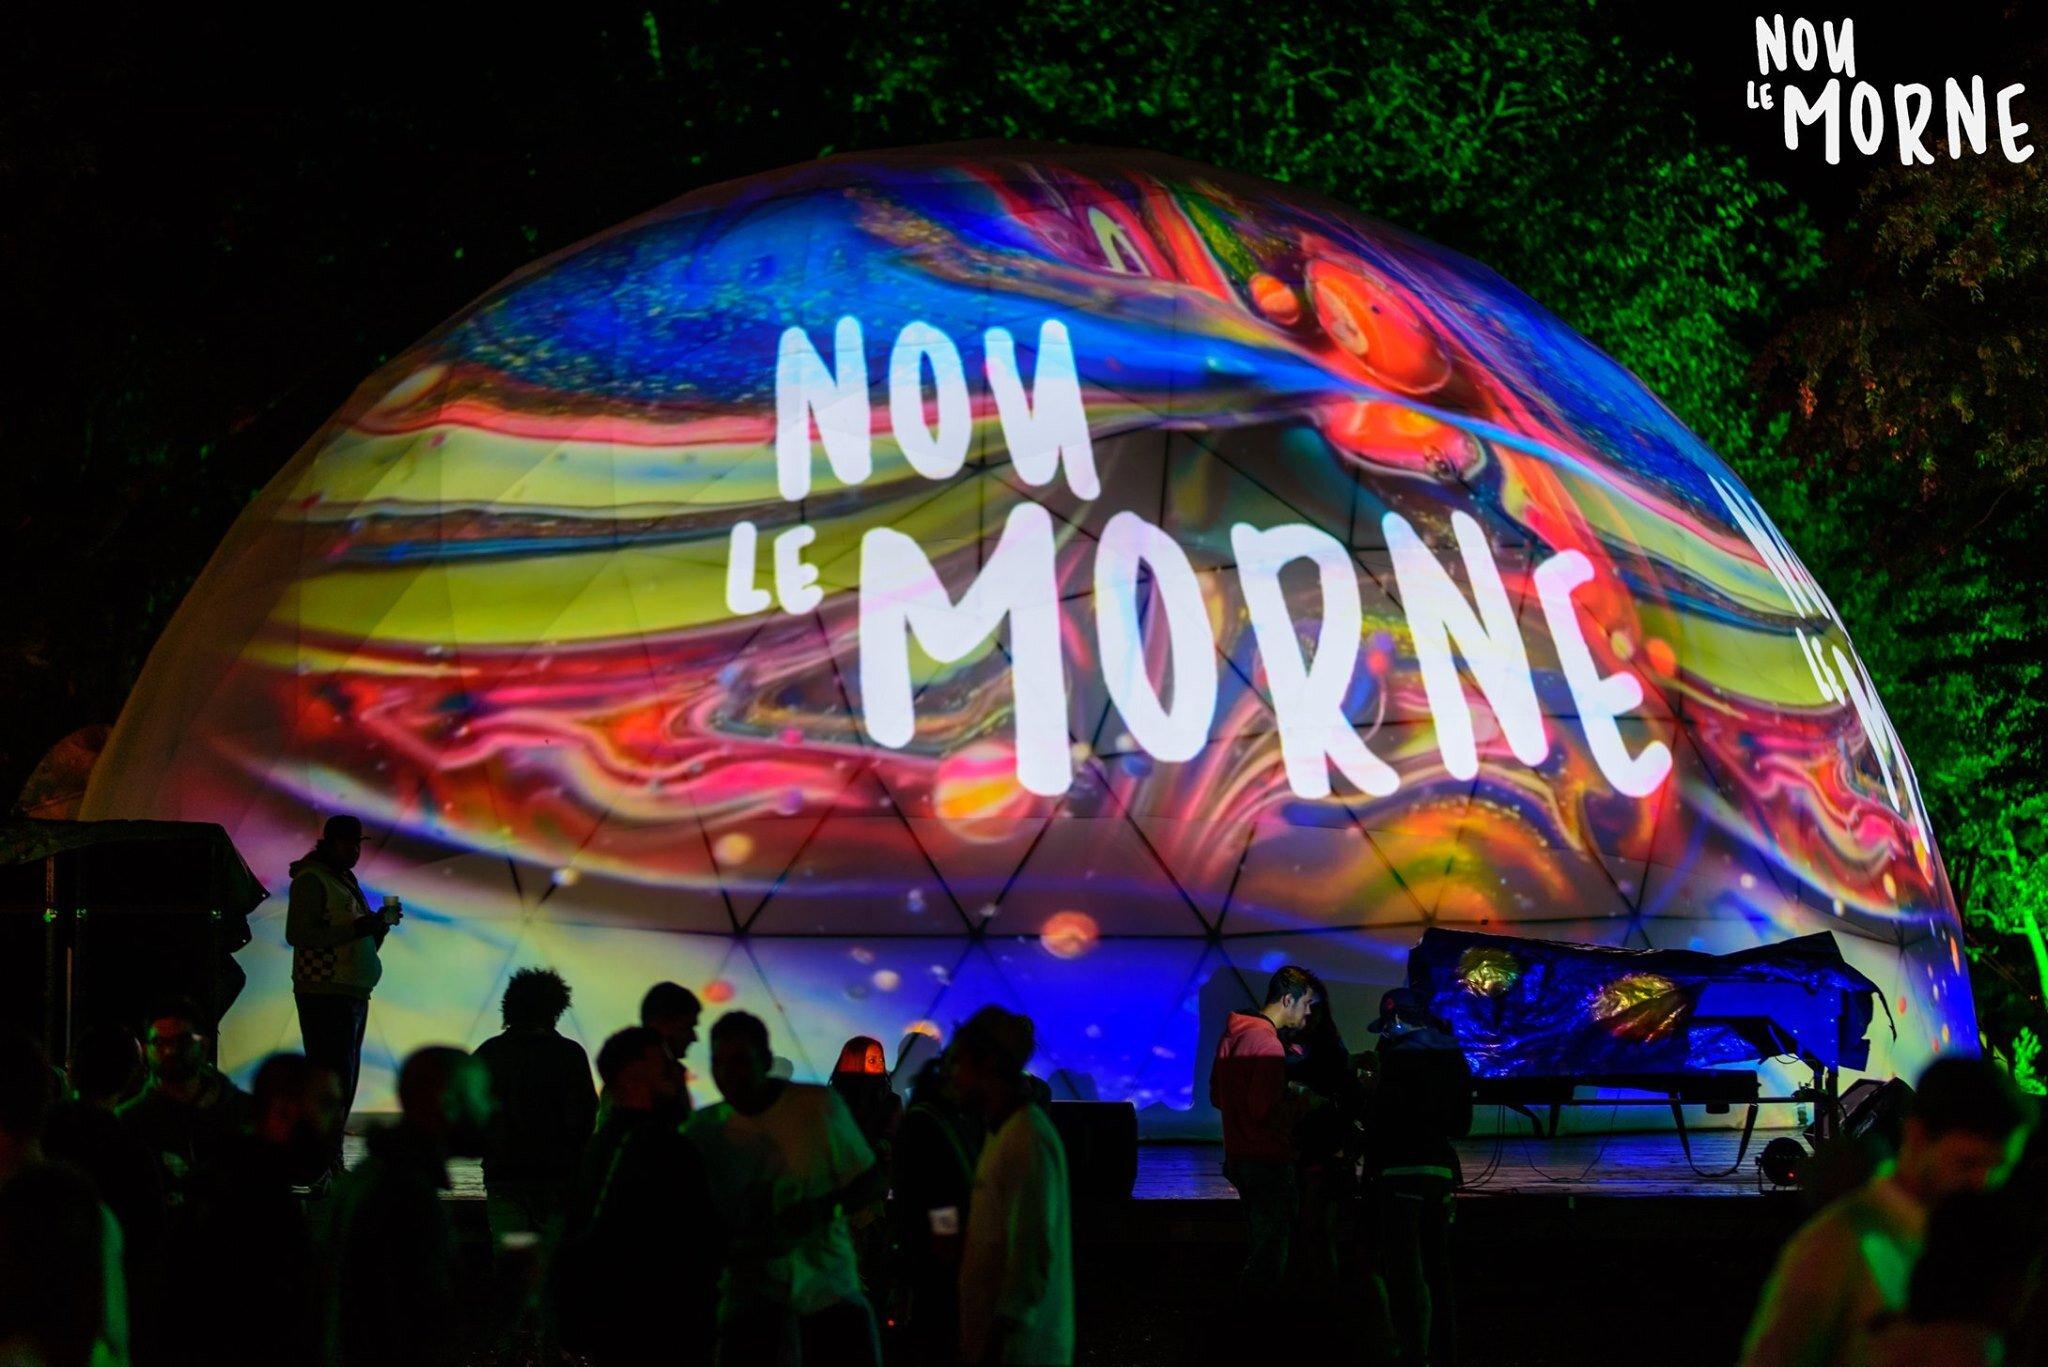 Nou Le Morne Festival 2019: 23 - 24 August, Mauritius